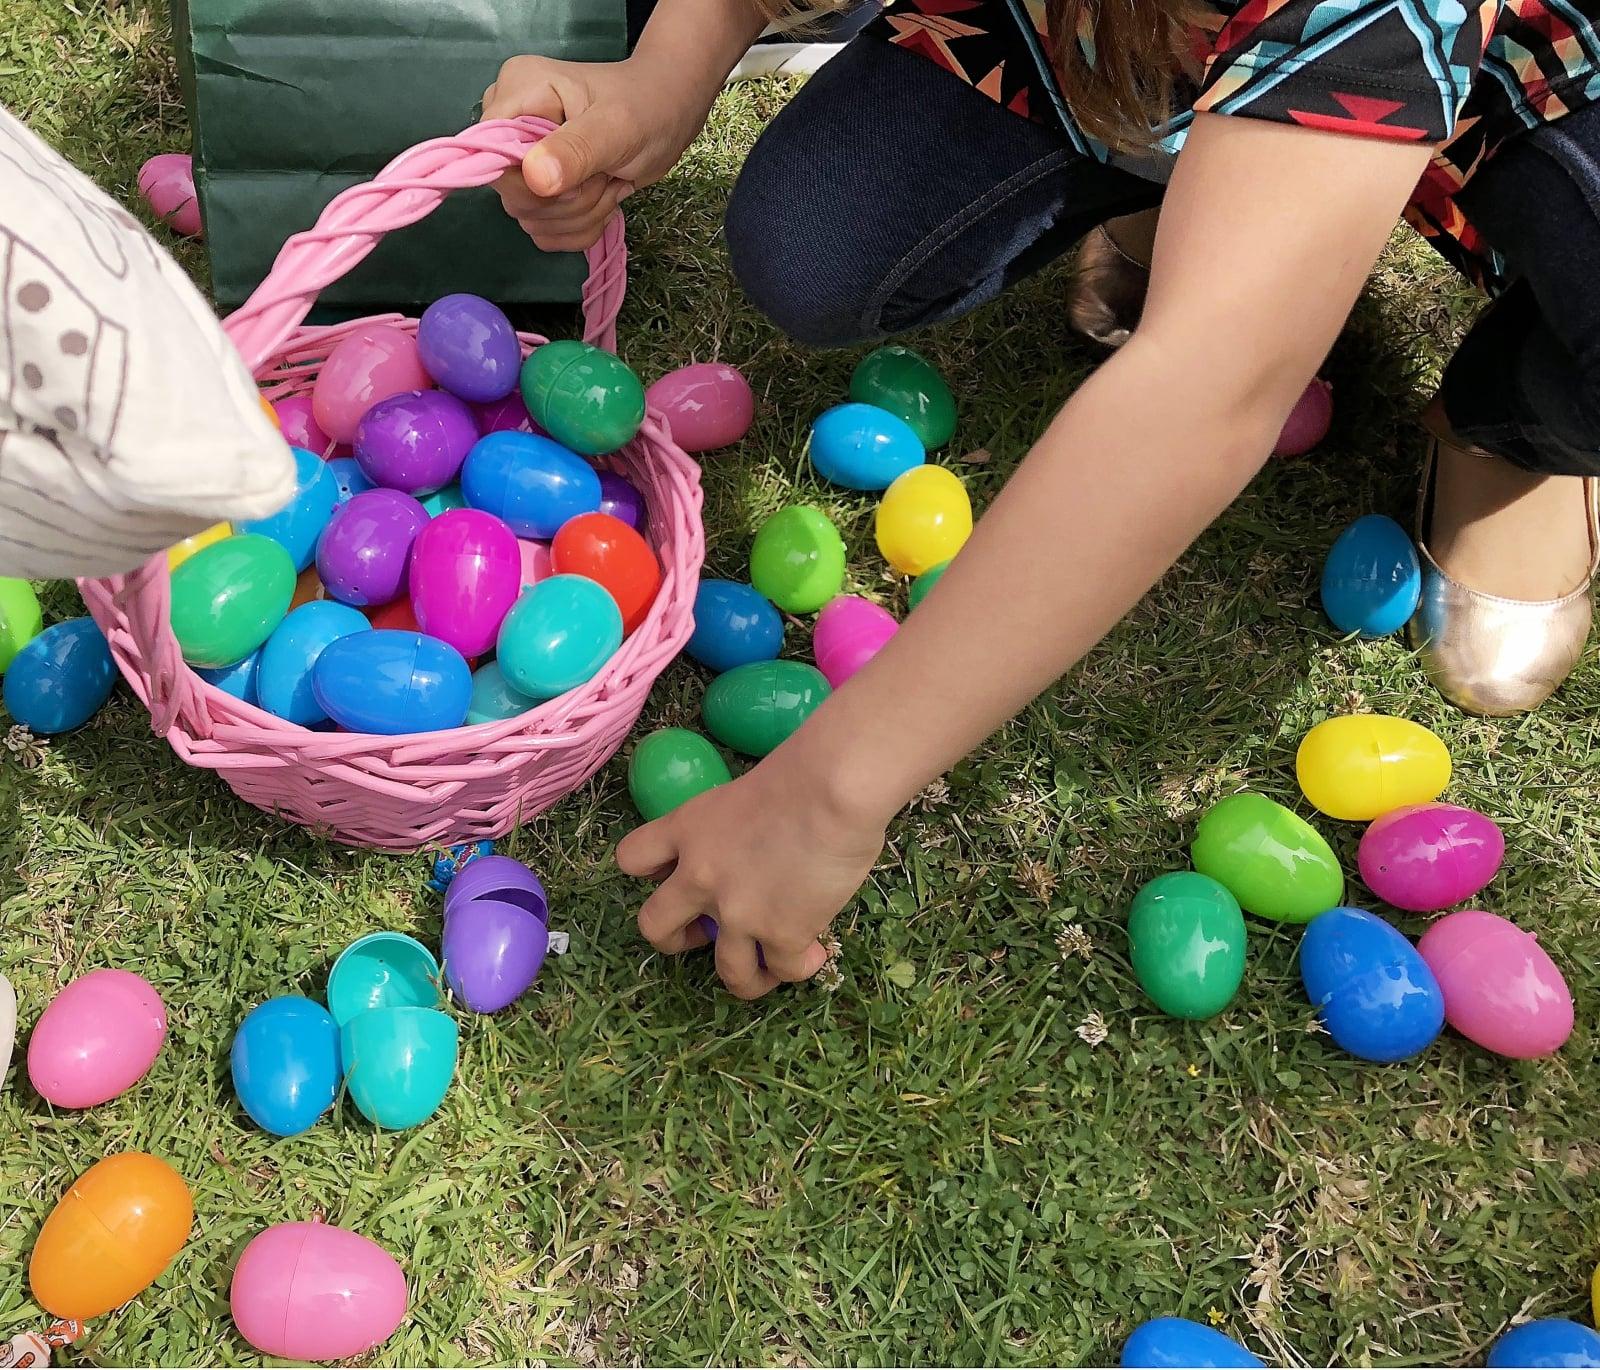 Polowanie na jajka w USA fot. EPA/ANDREW GOMBERT